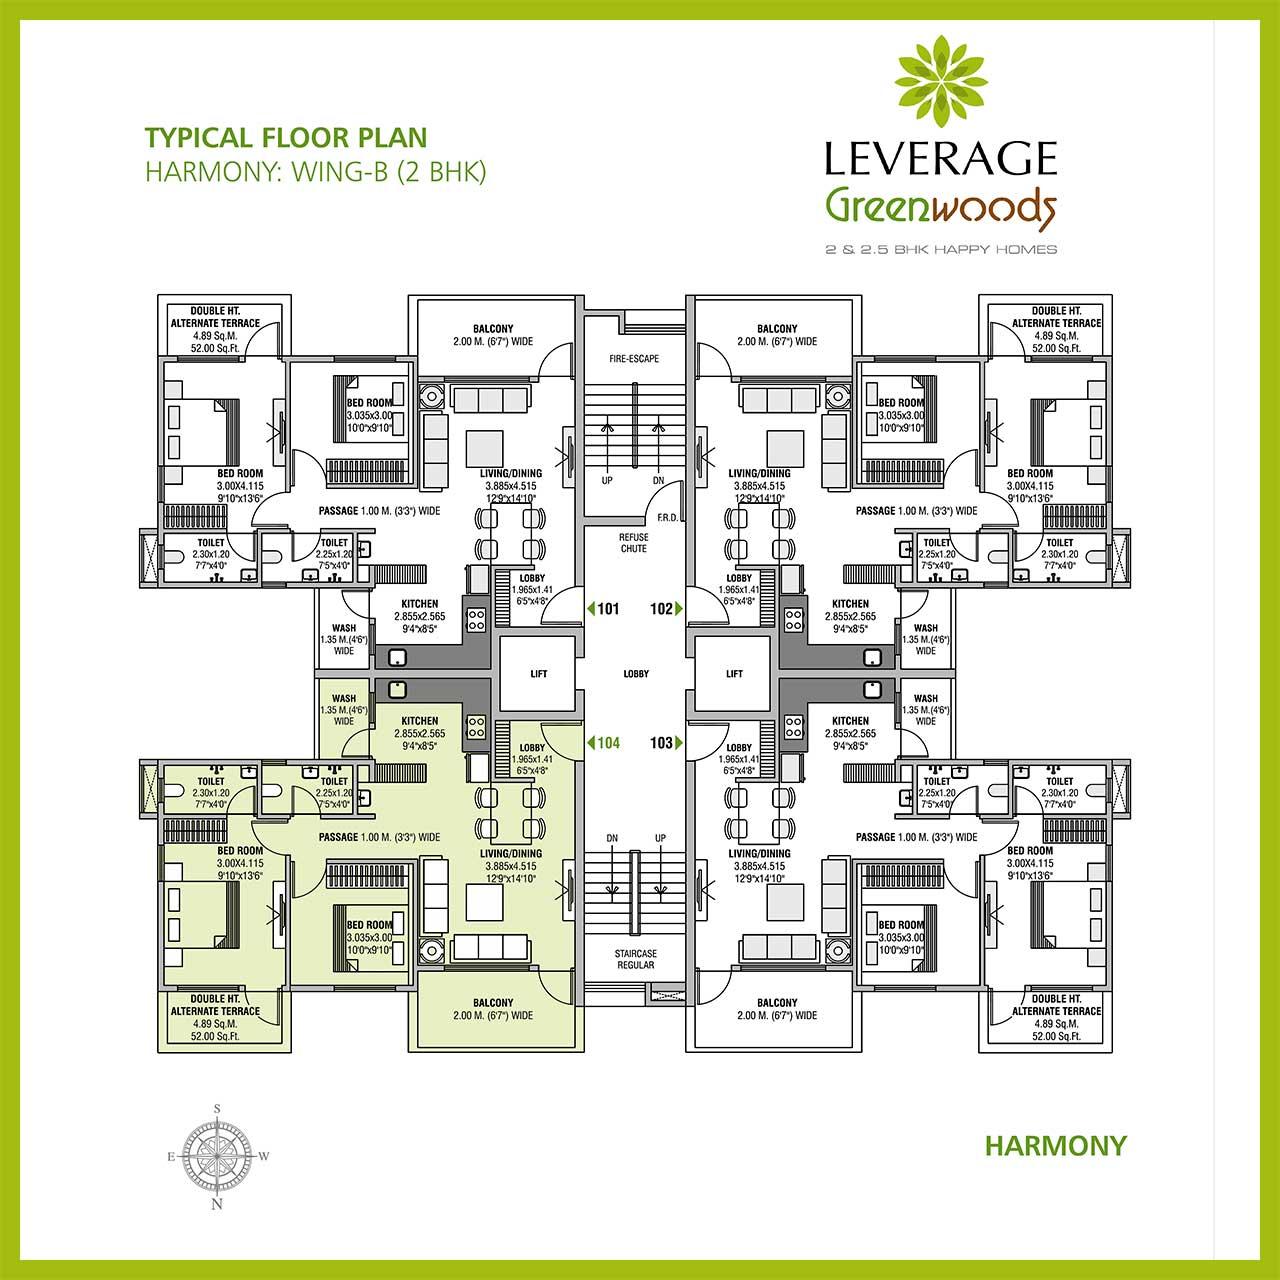 leverage-greenwood-harmony-2bhk-floor-plan